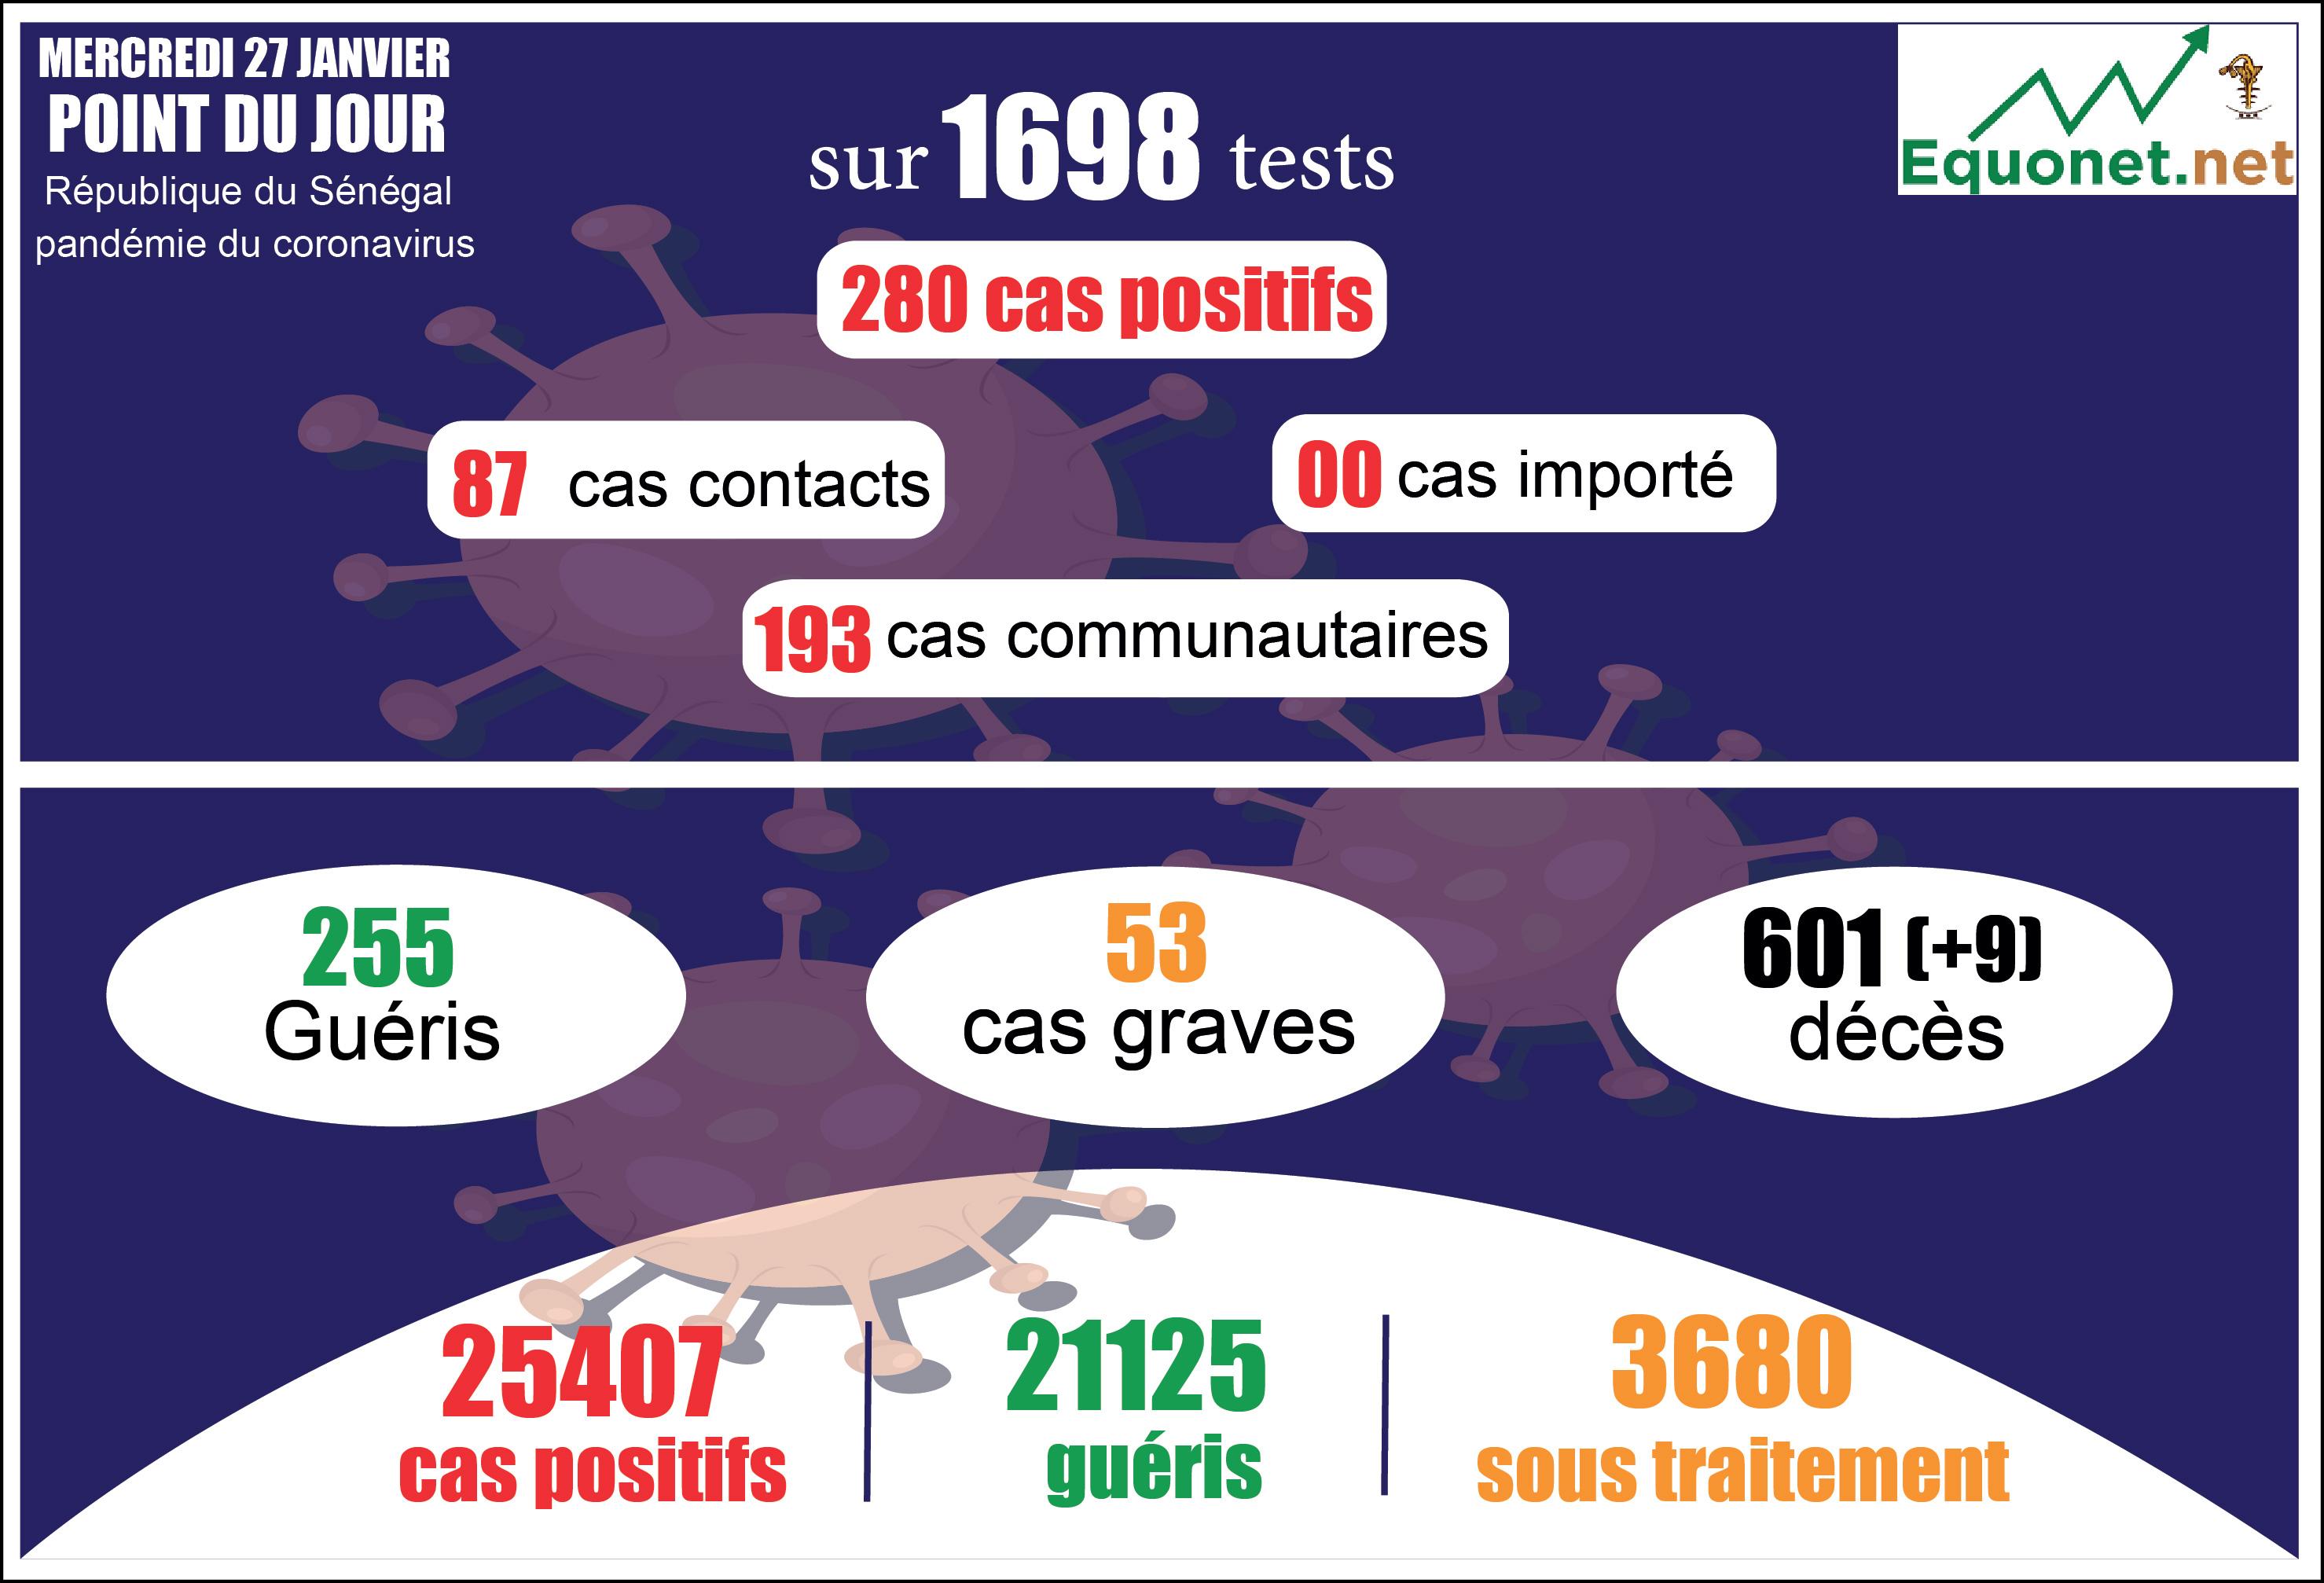 pandémie du coronavirus-covid-19 au sénégal : 193 cas communautaires et 9 décès enregistrés ce mercredi 27 janvier 2021